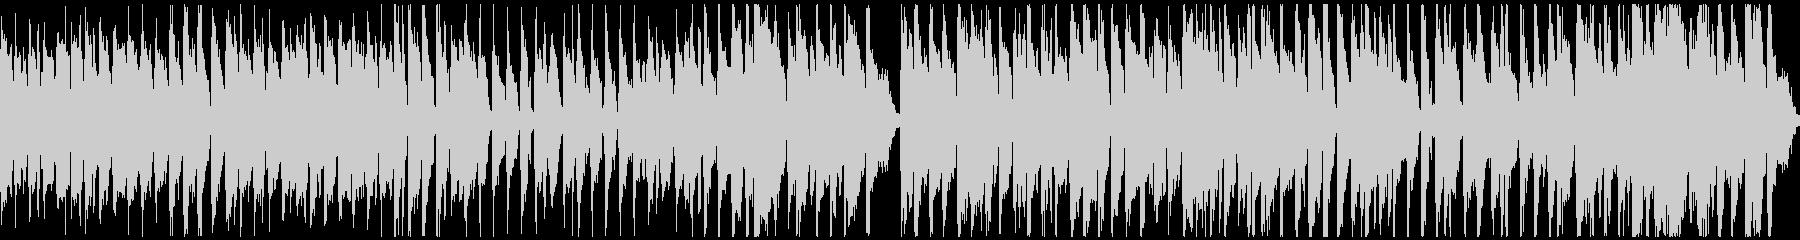 明るく楽しい元気な曲:ループ対応ショートの未再生の波形